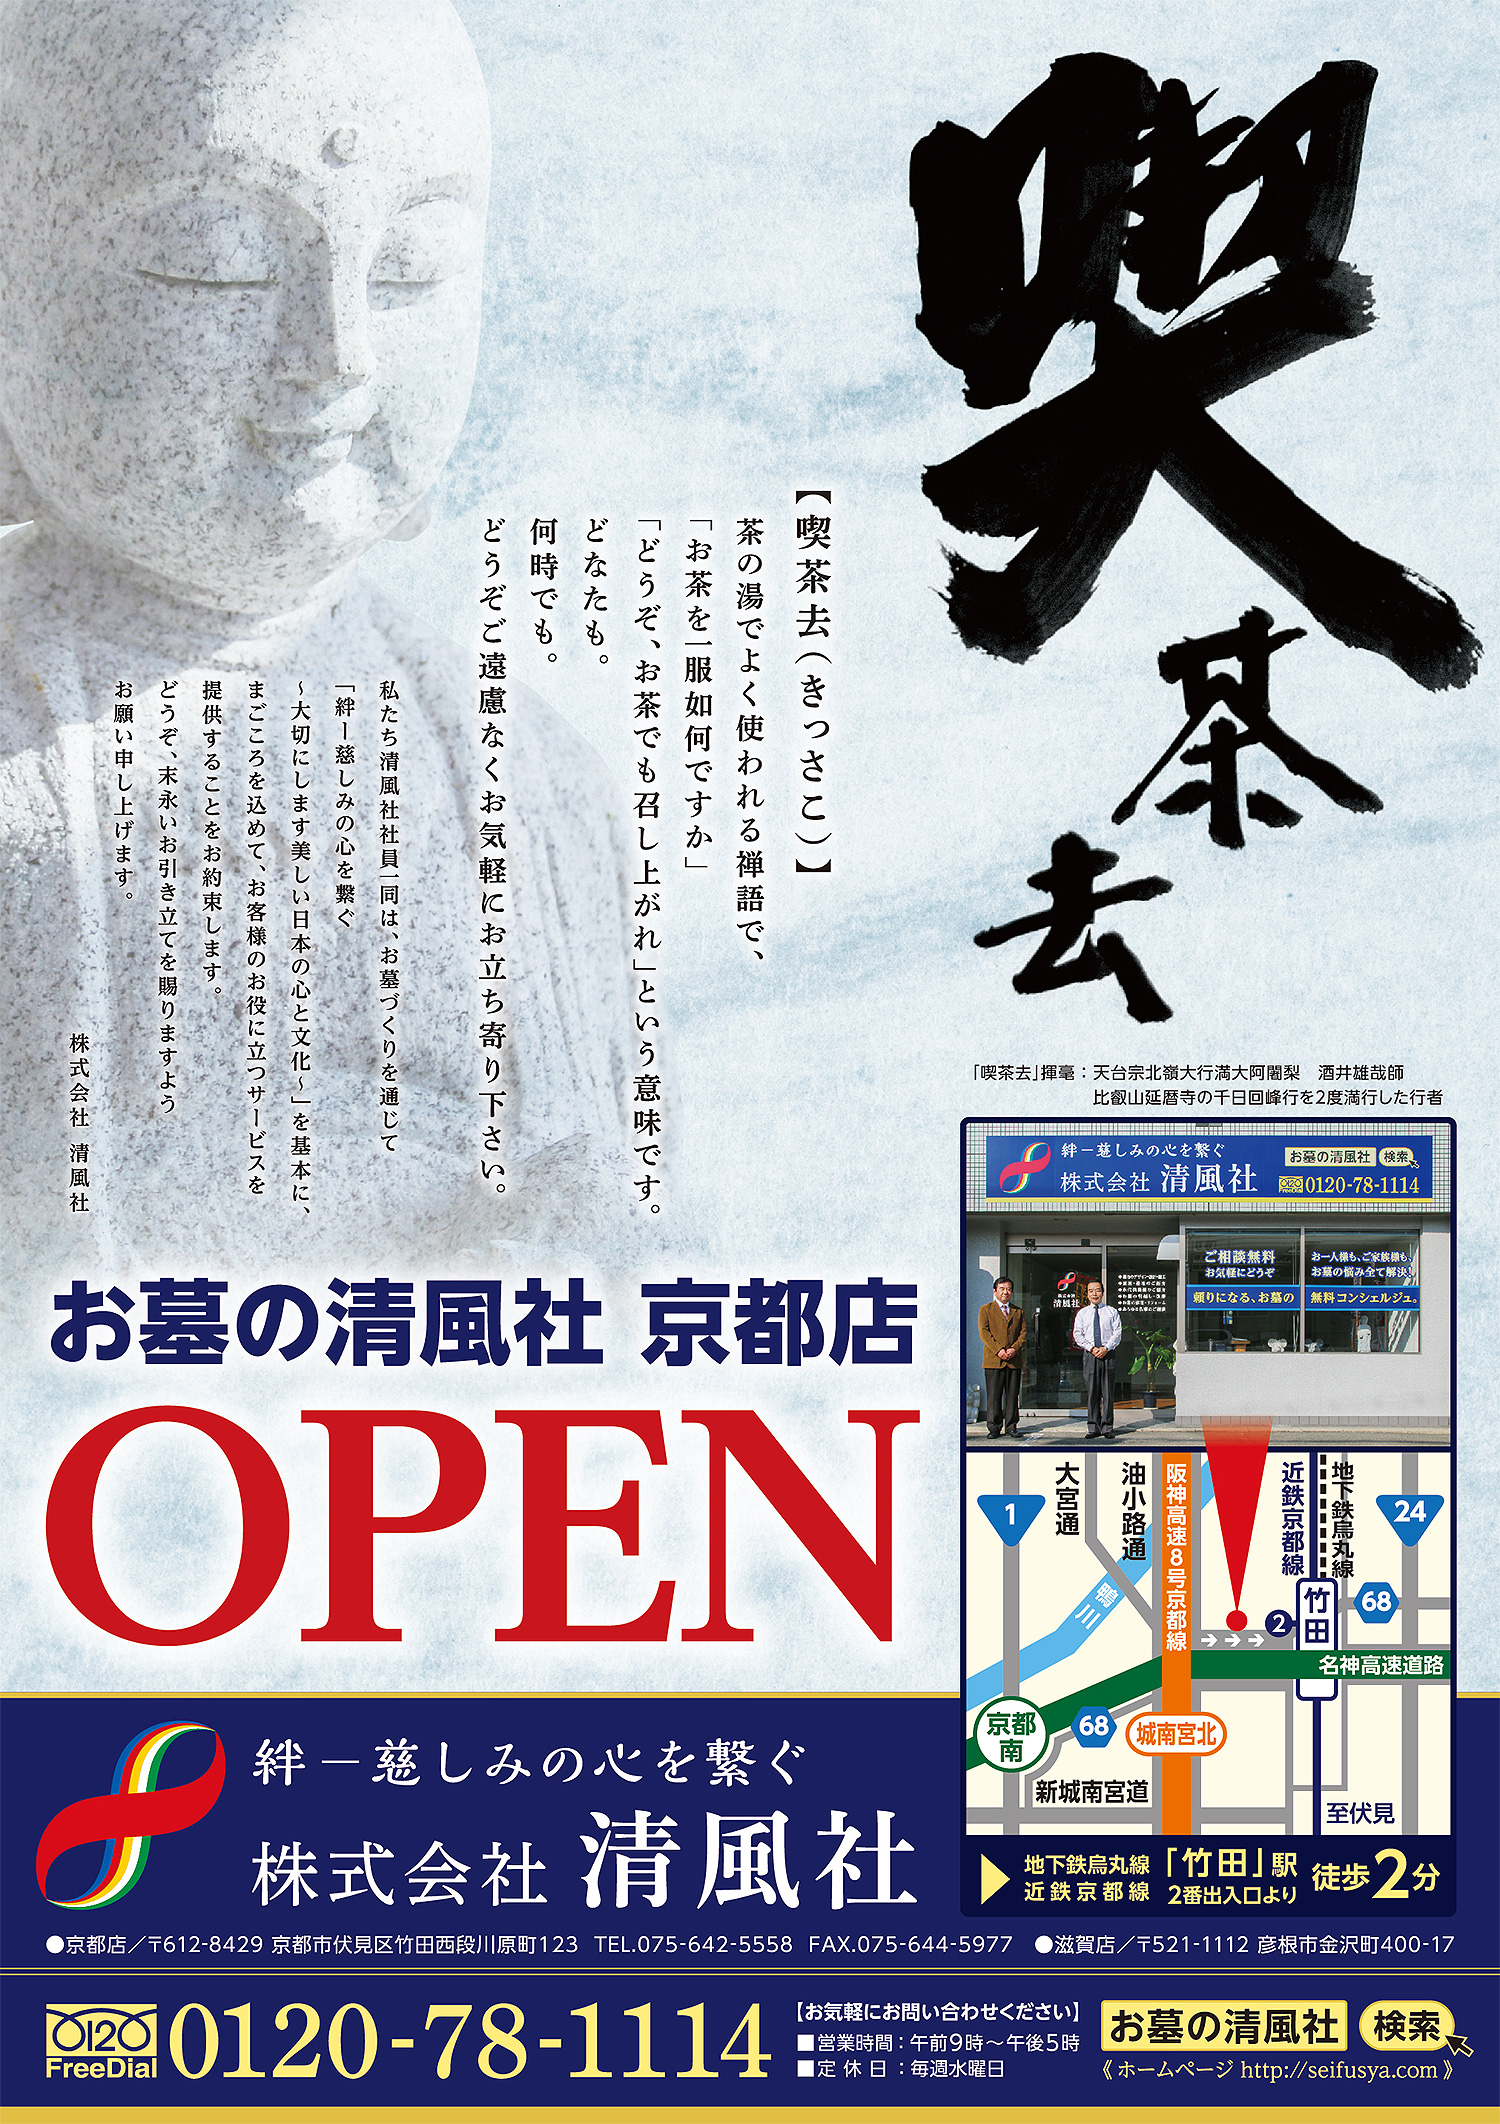 株式会社 清風社 京都店 オープン案内 B4チラシ 表面